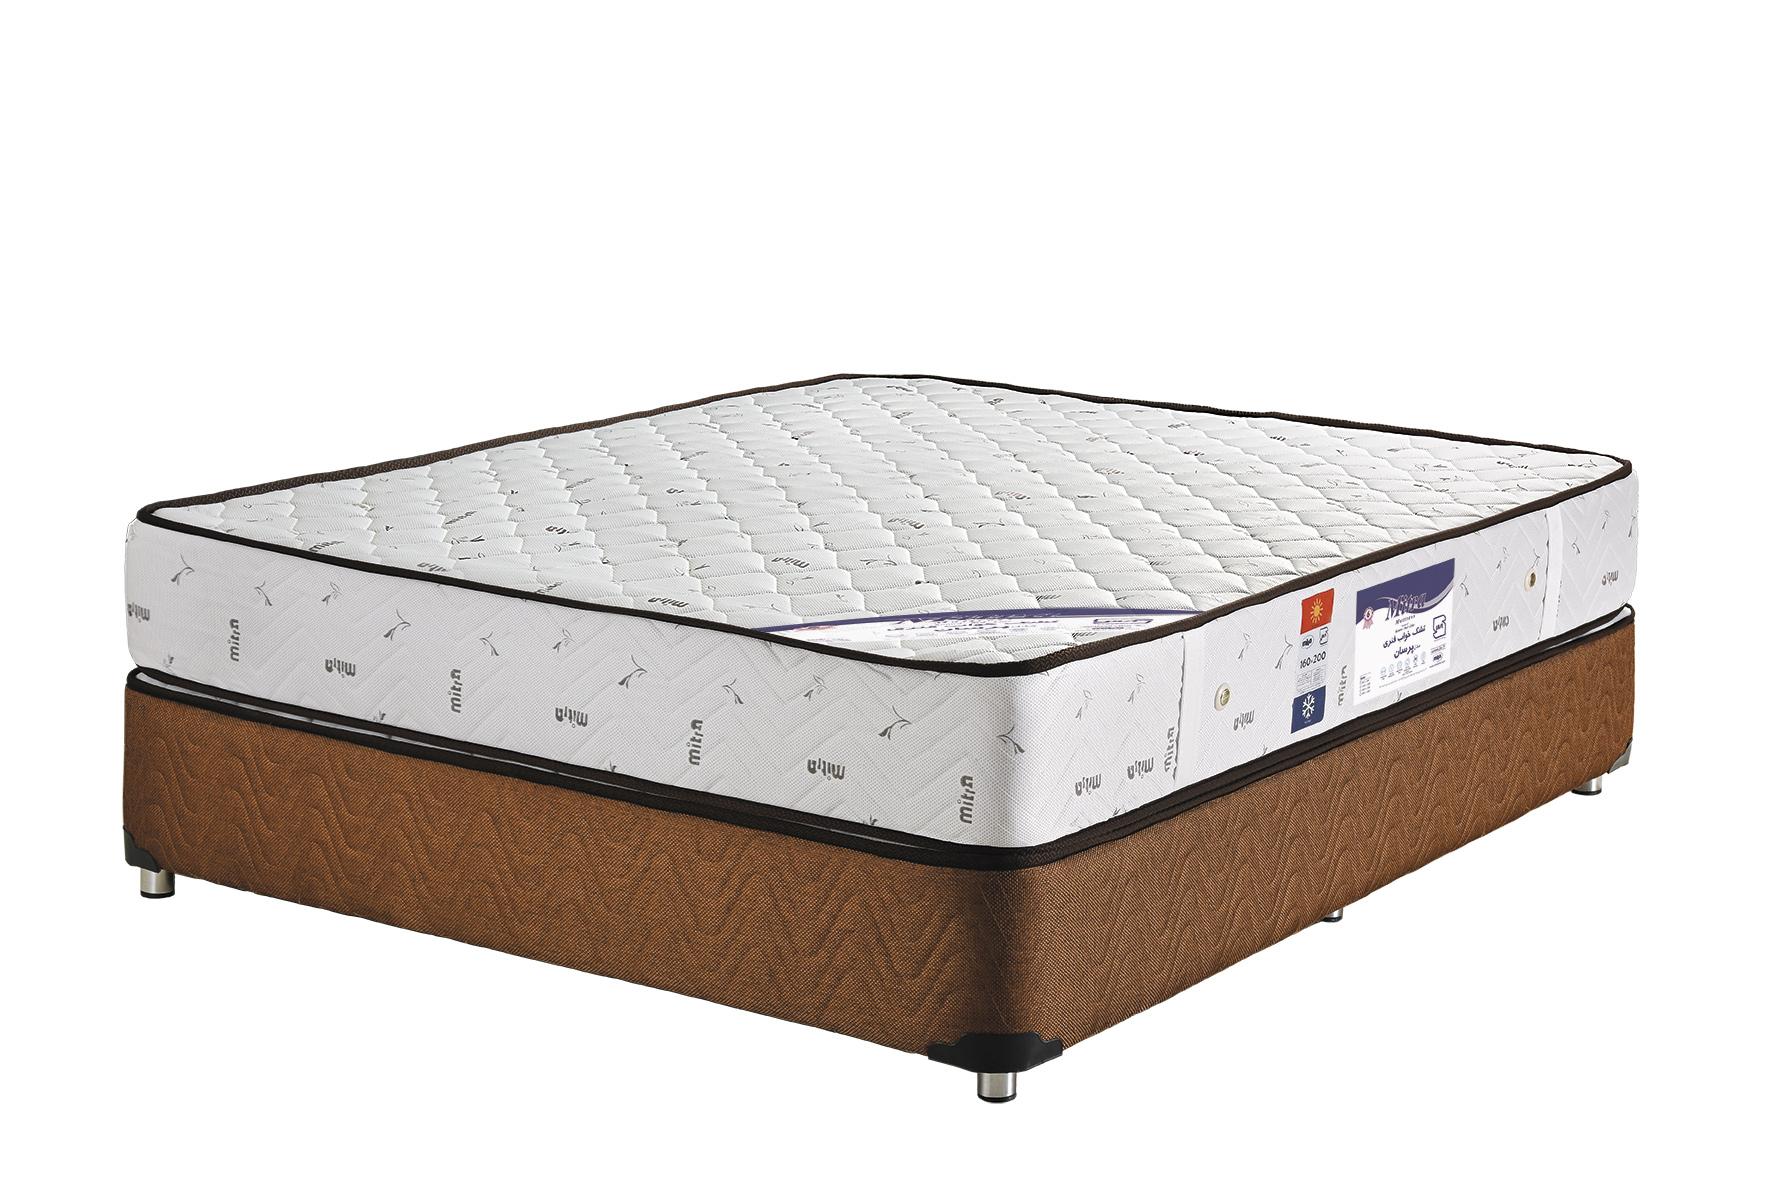 spring mattress parsan